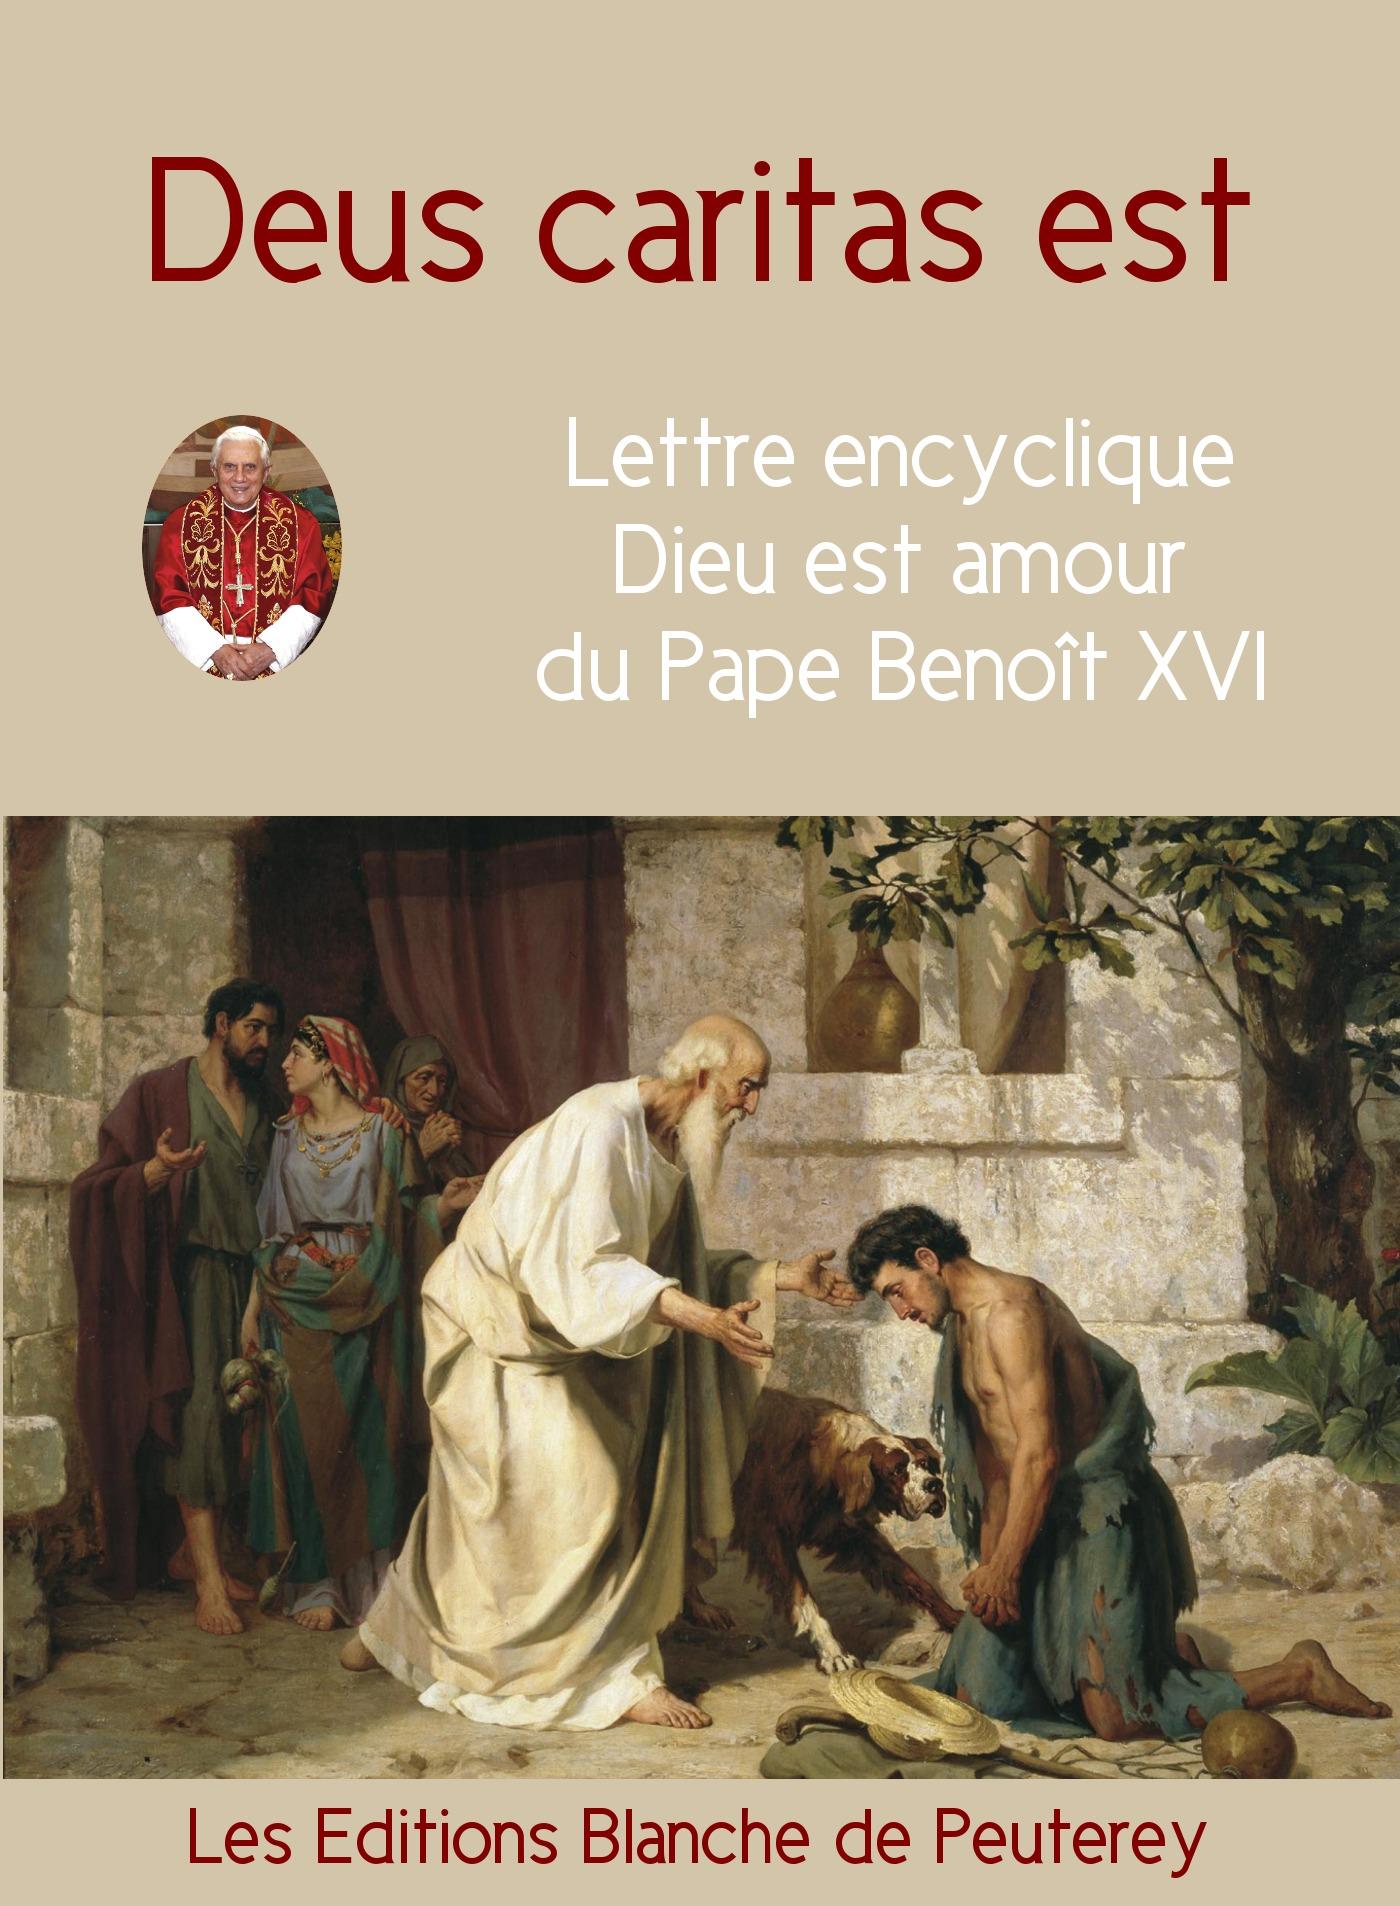 Deus Caritas est - Dieu est amour, ENCYCLIQUE DU PAPE BENOÎT XVI